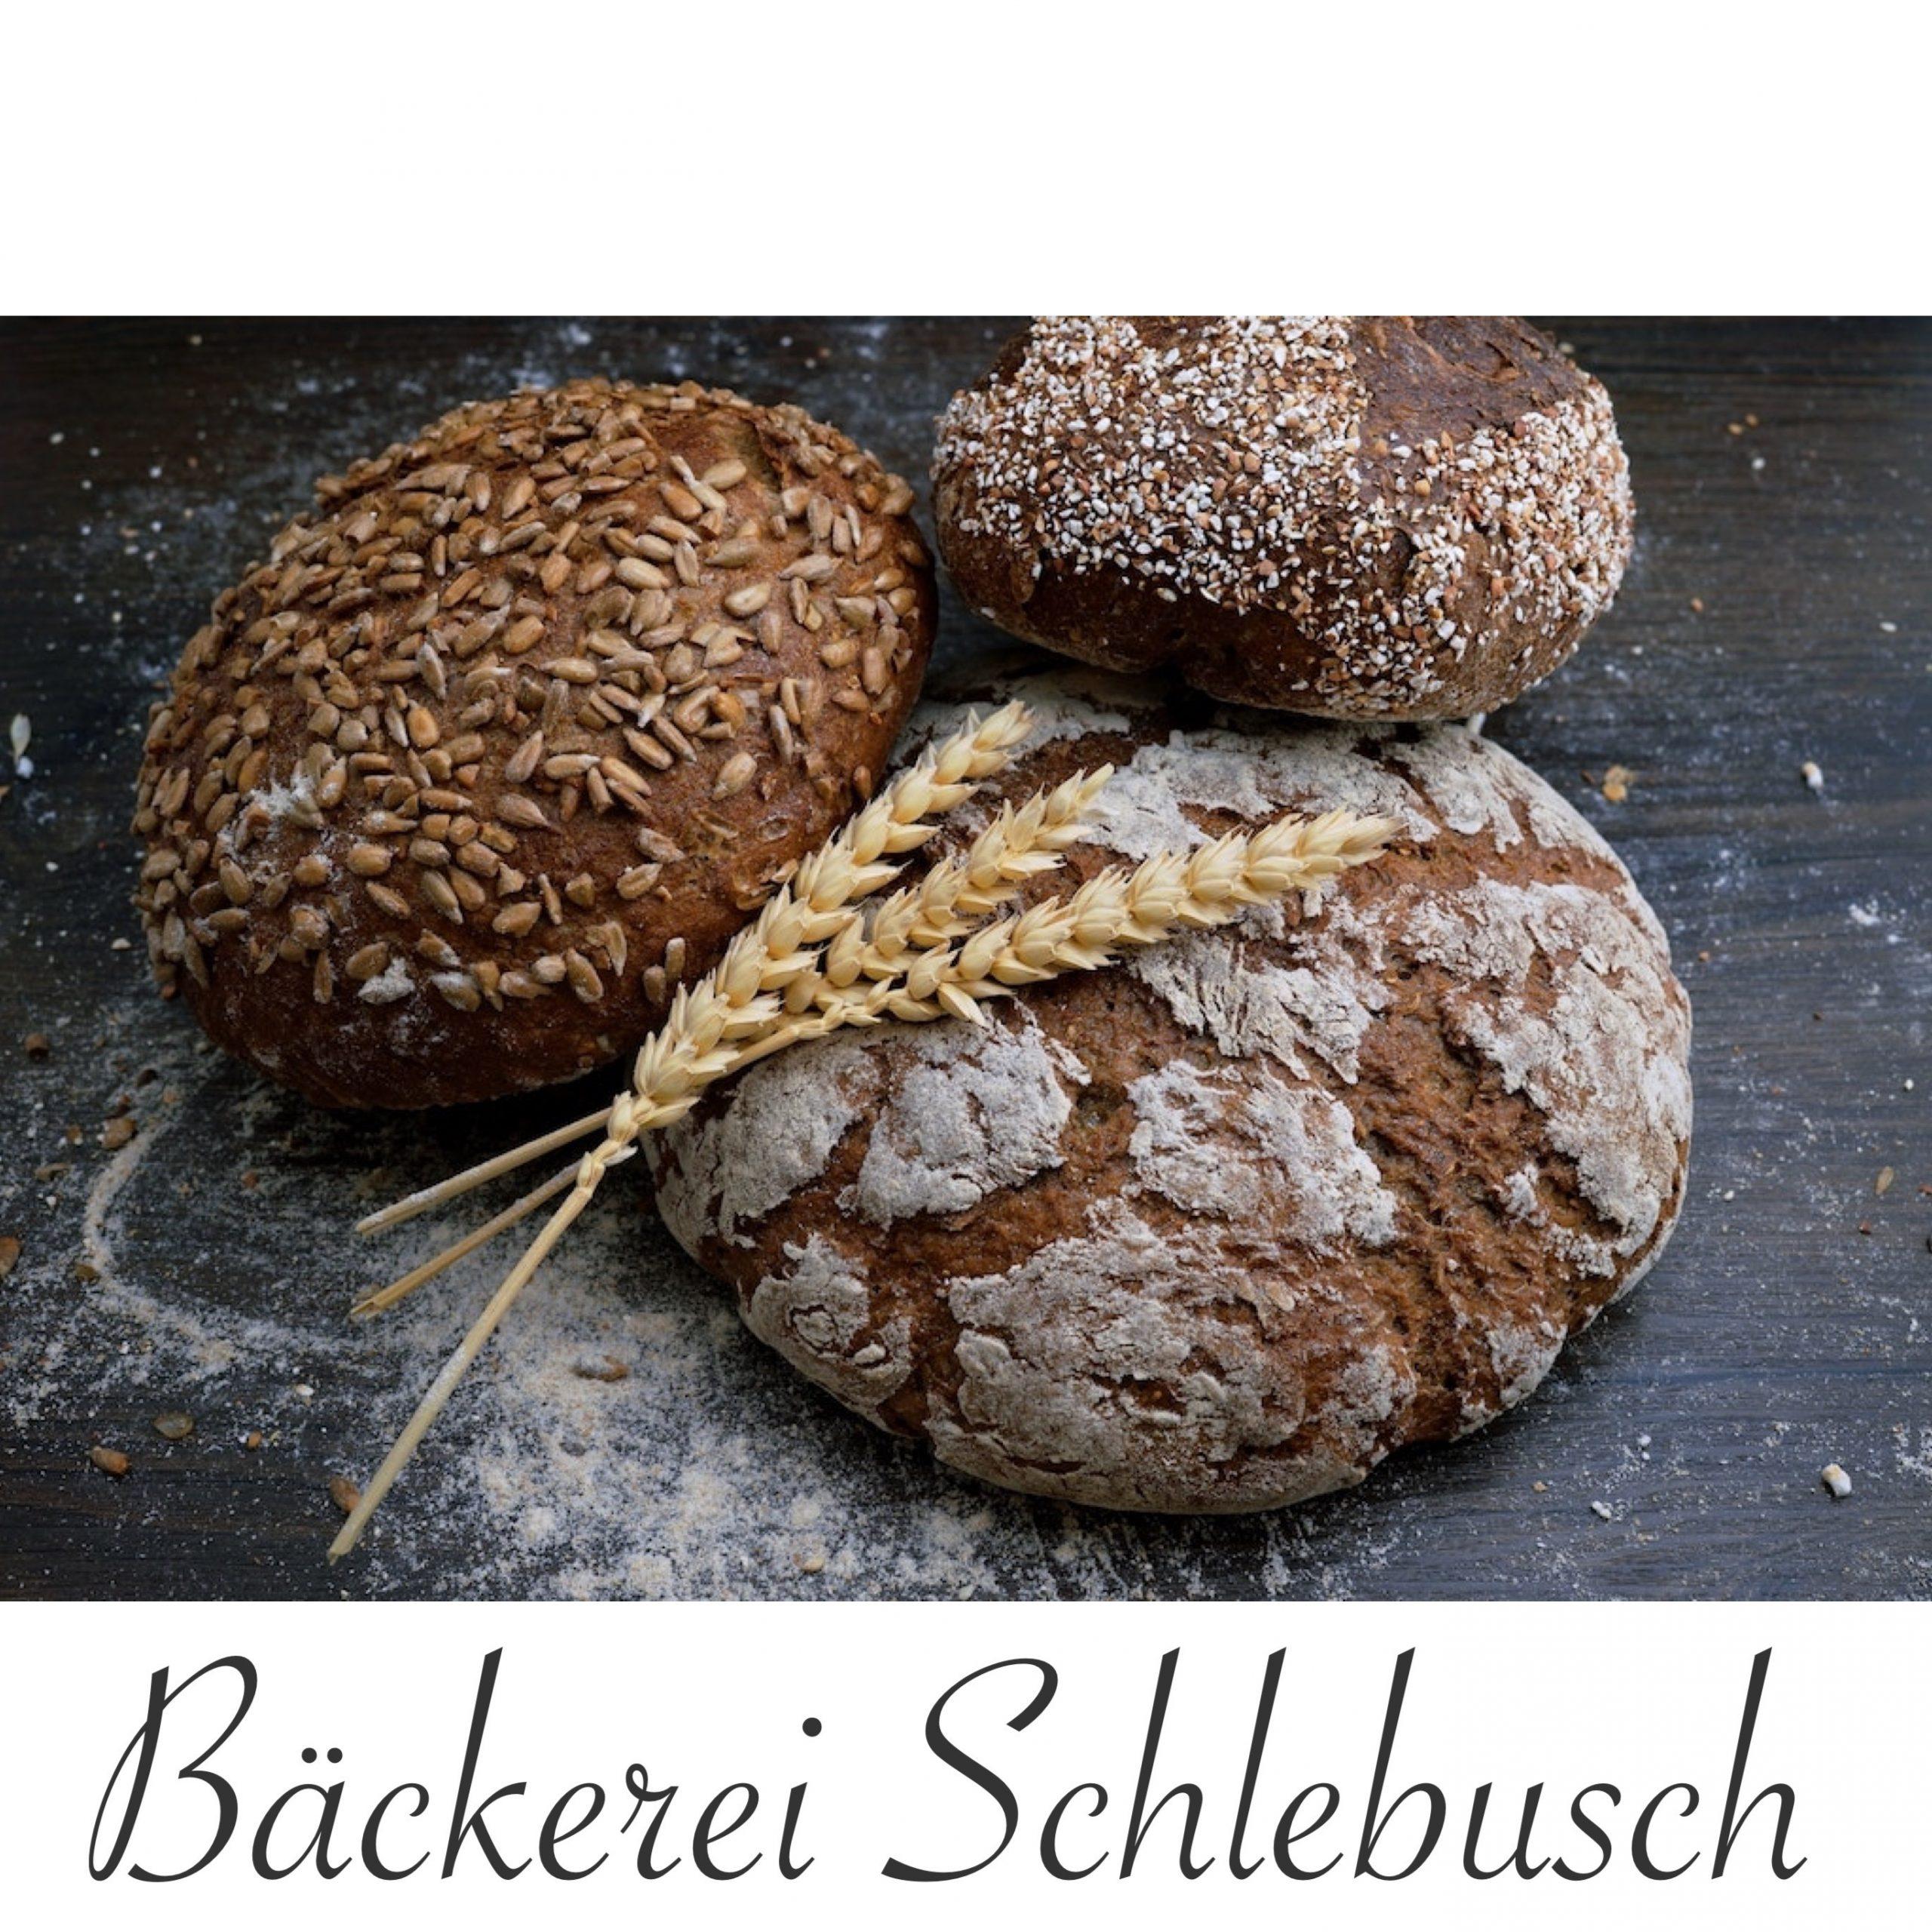 baeckerei schlebusch02 scaled